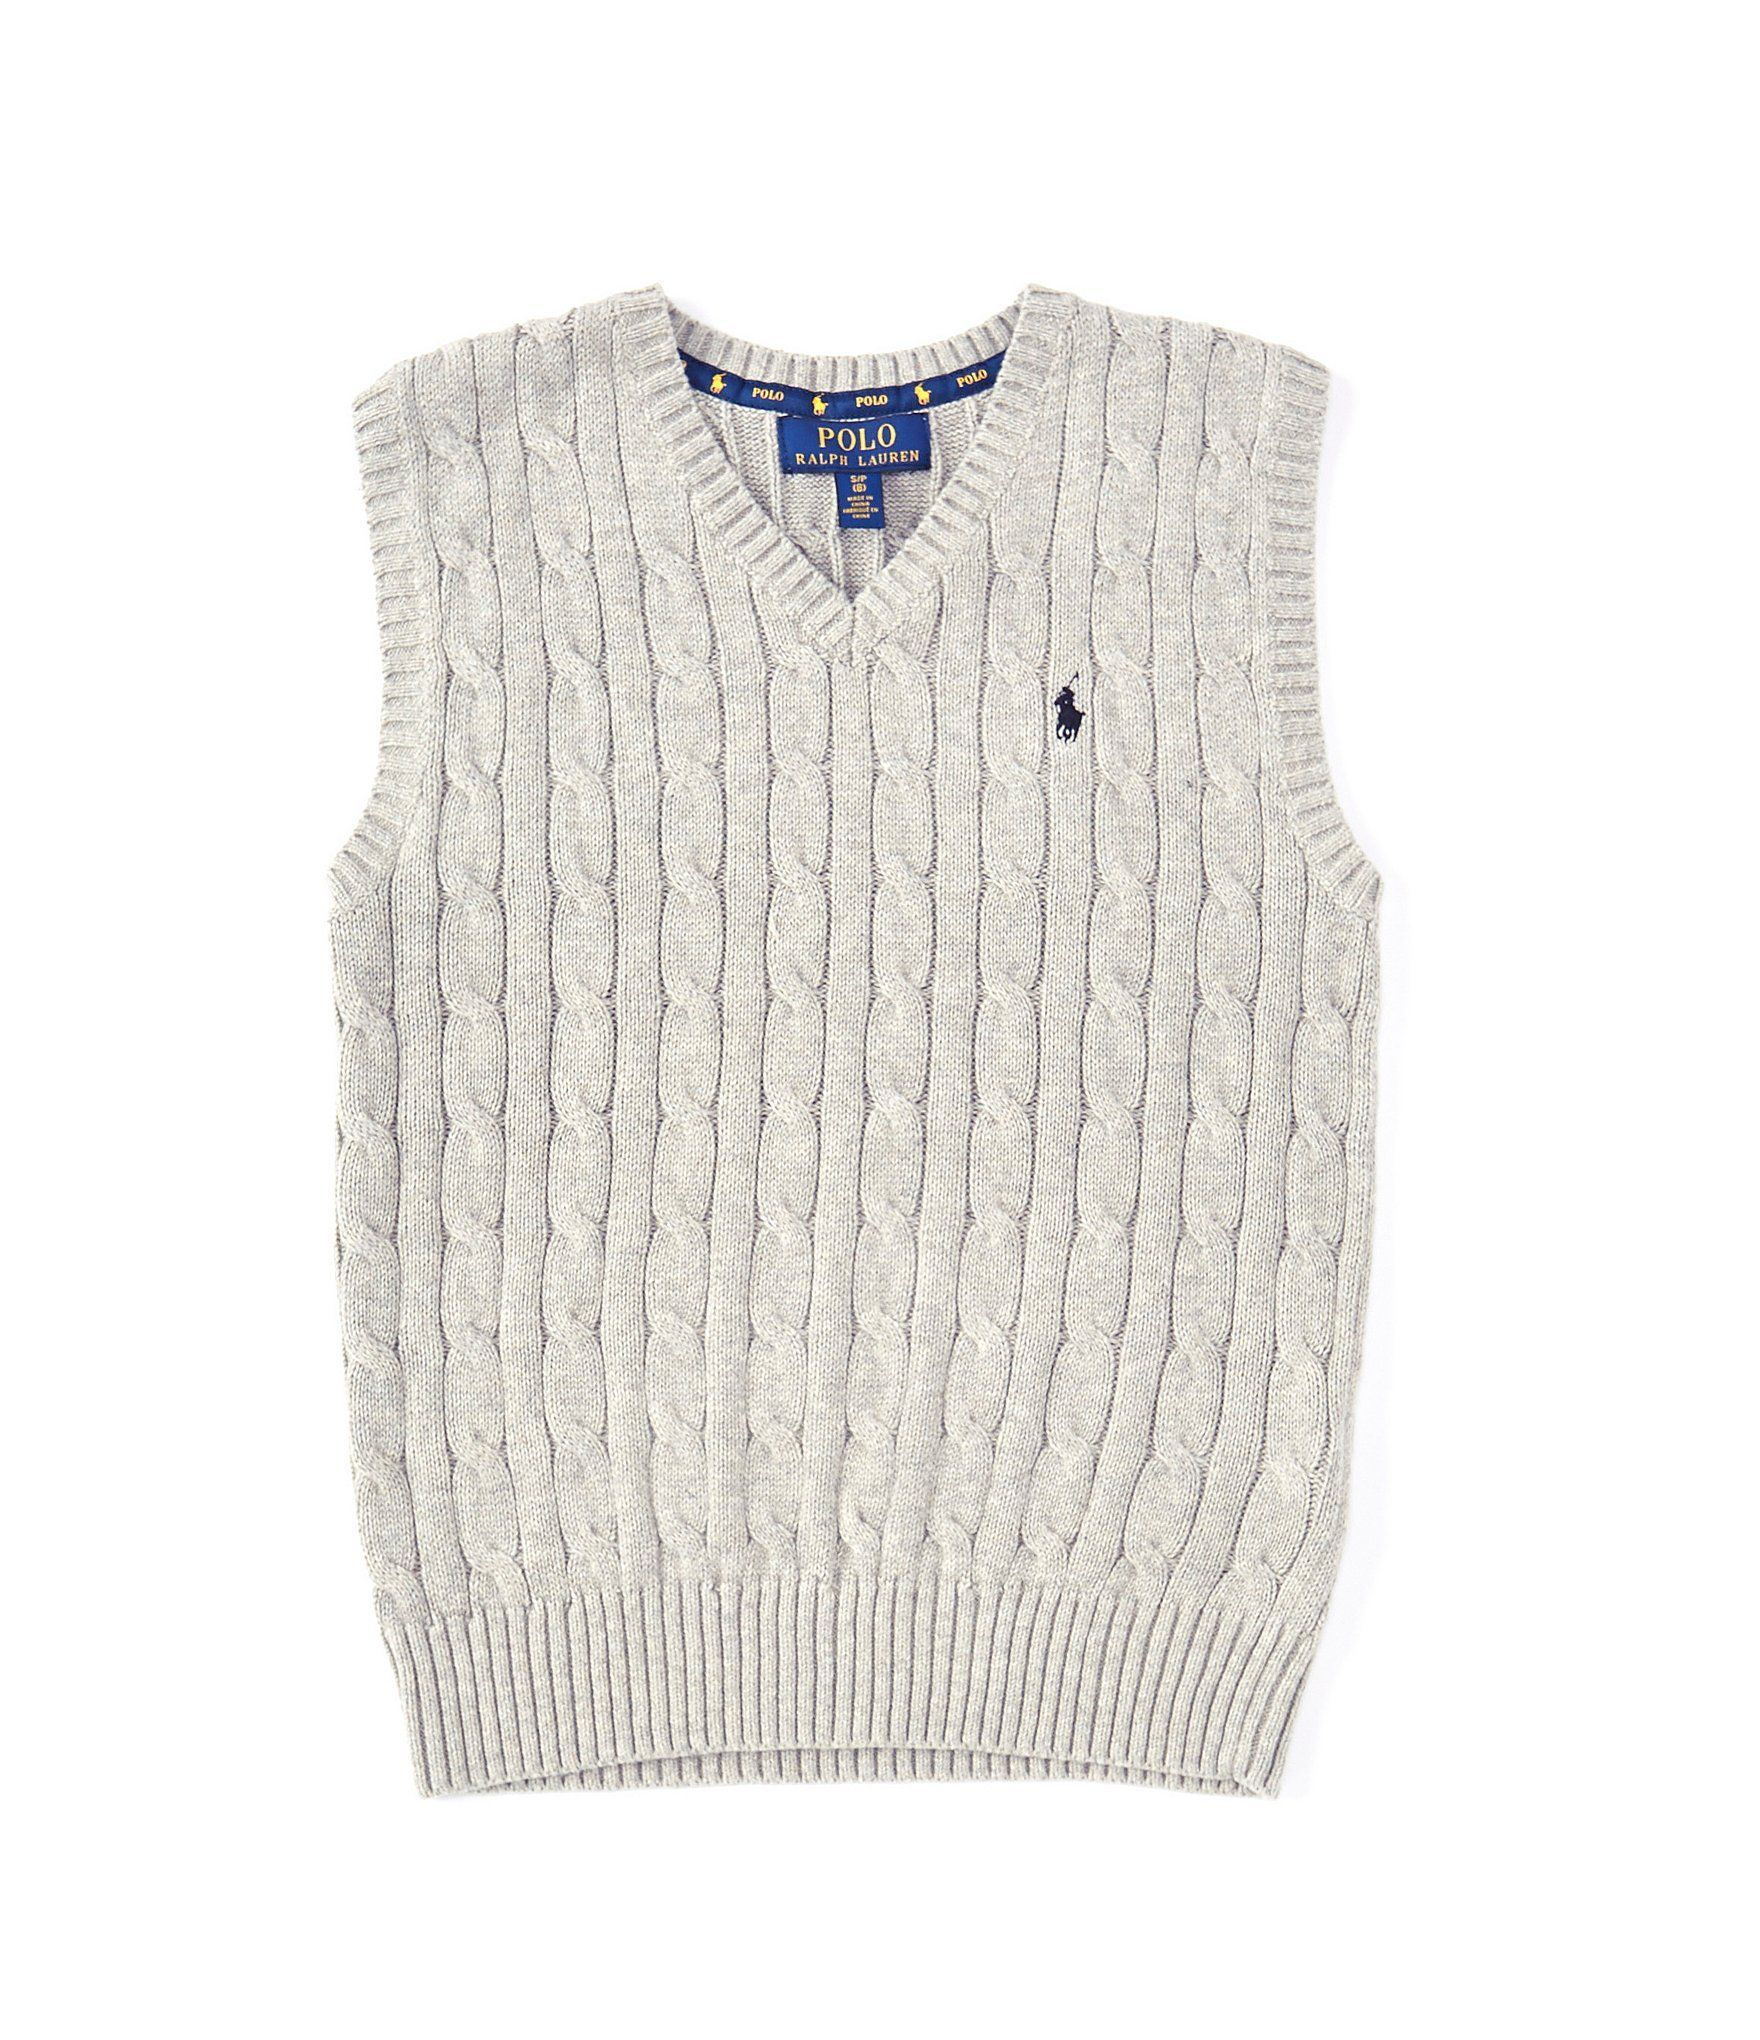 RALPH LAUREN Polo Boys V-Neck Cable Knit Vest